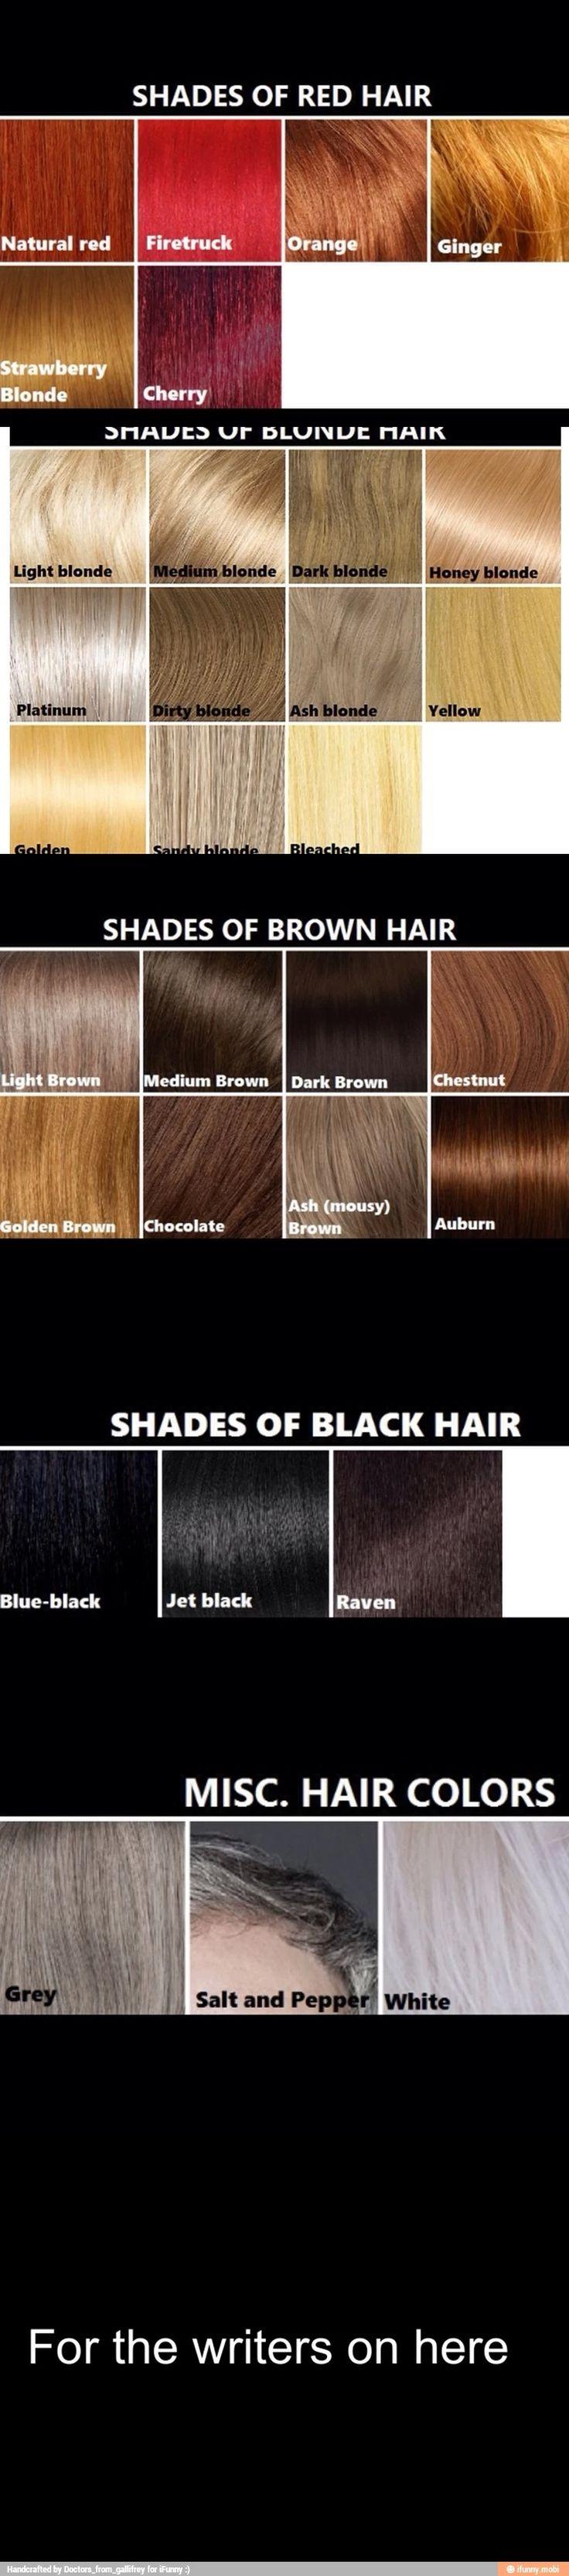 Esto es una referencia para escritores, pero no puedo evitar pensar, ¿y cómo se traducirían estos colores de pelo al español? Se me ocurren algunos, pero tendría que investigar más.